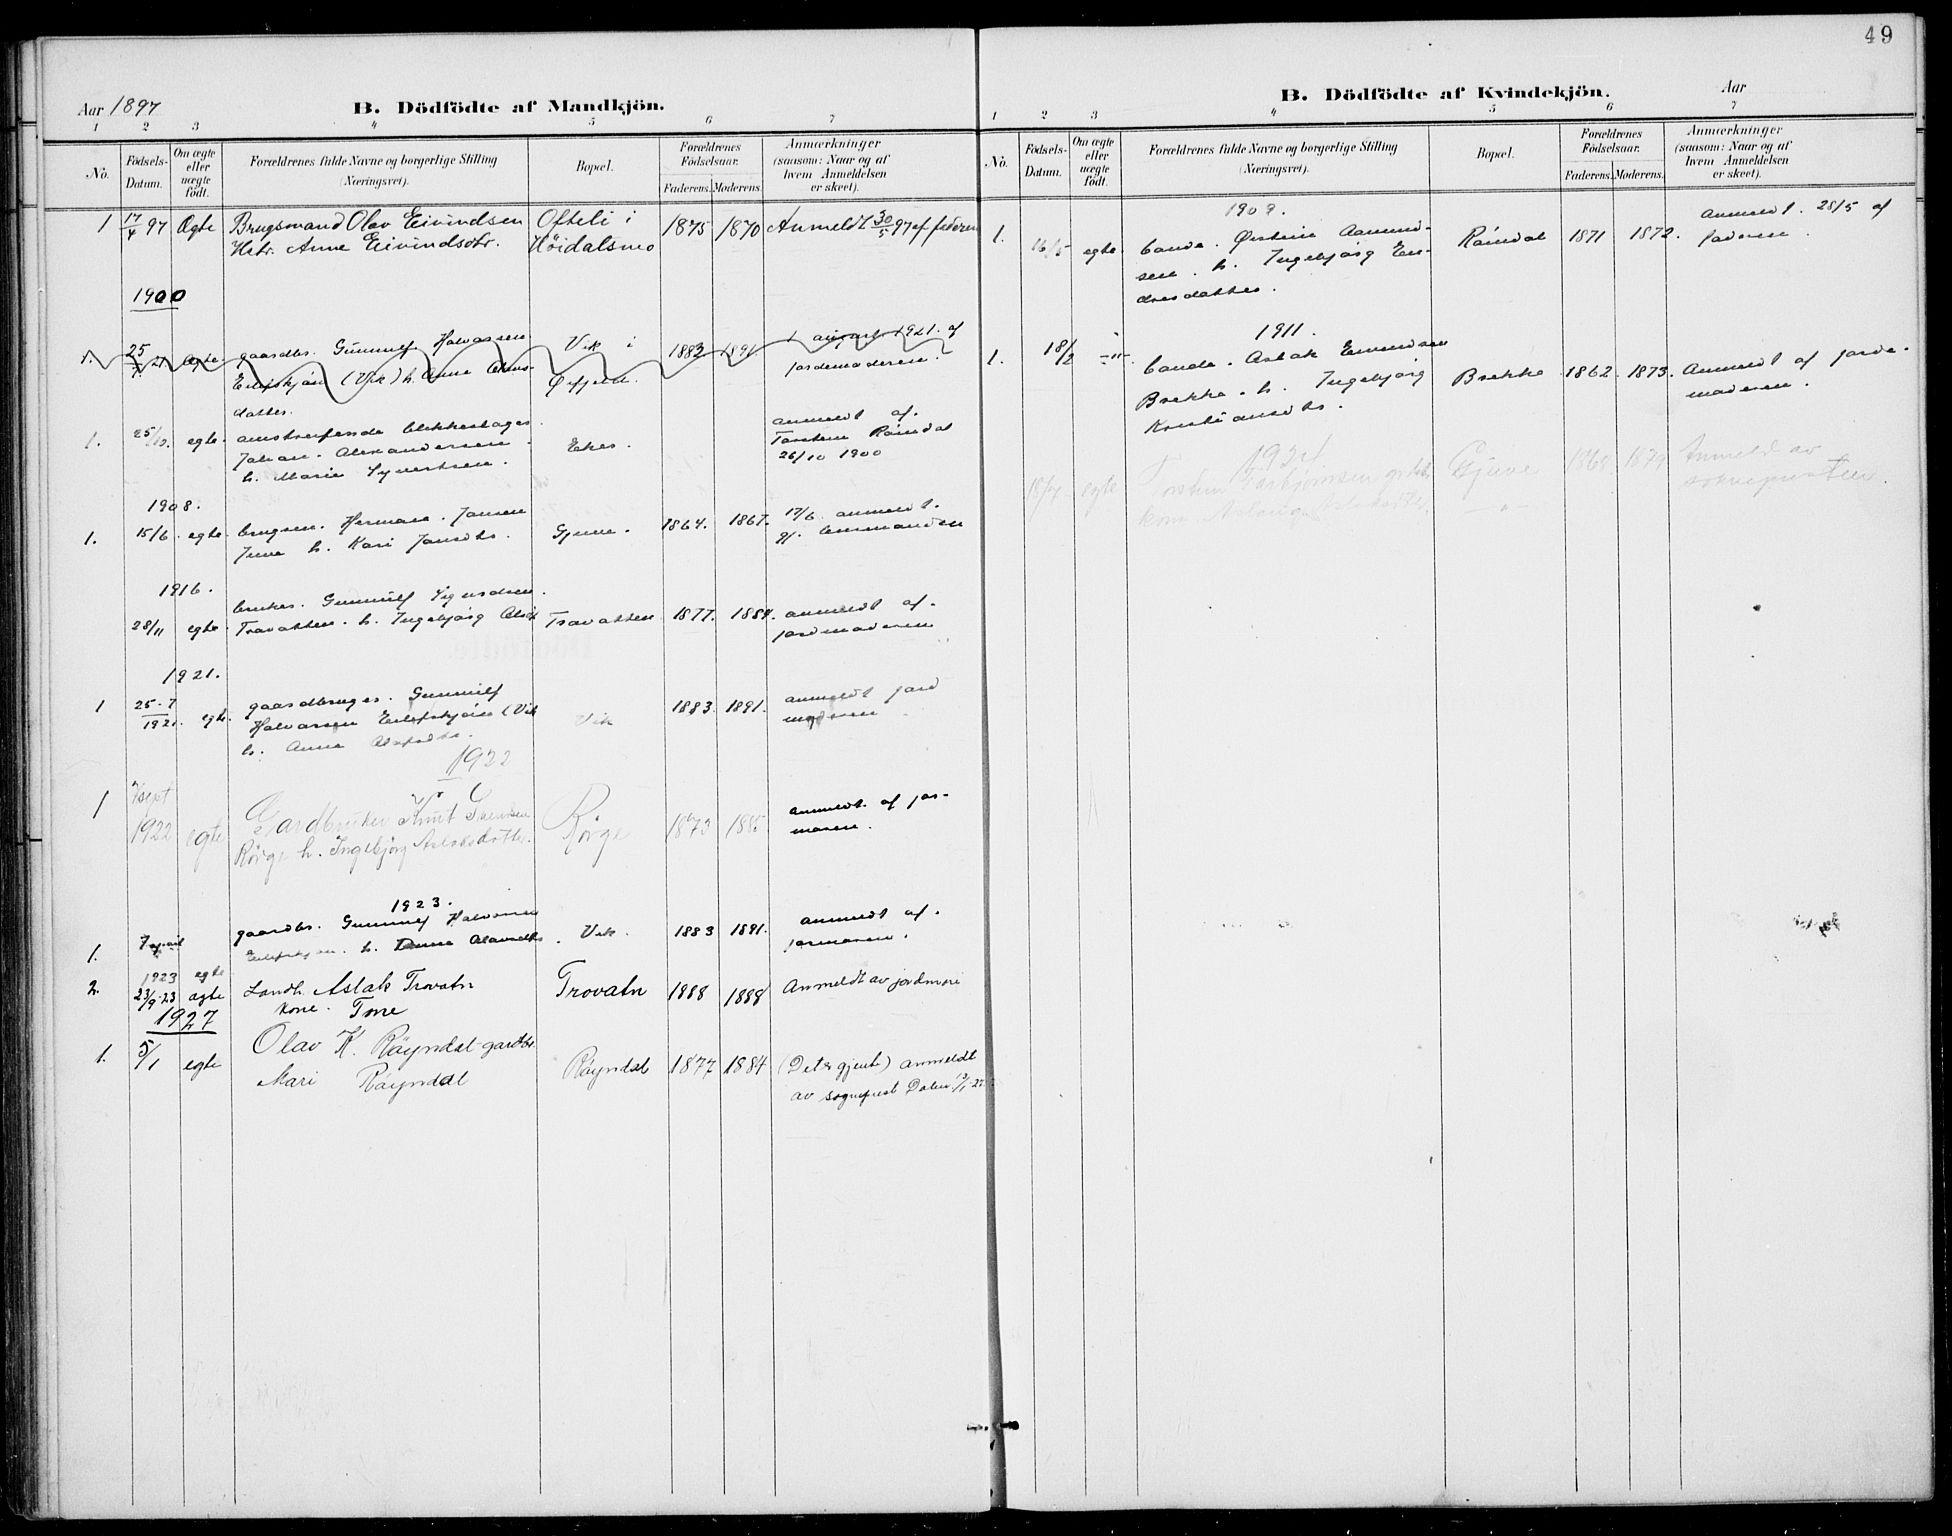 SAKO, Rauland kirkebøker, G/Gb/L0002: Klokkerbok nr. II 2, 1887-1937, s. 49